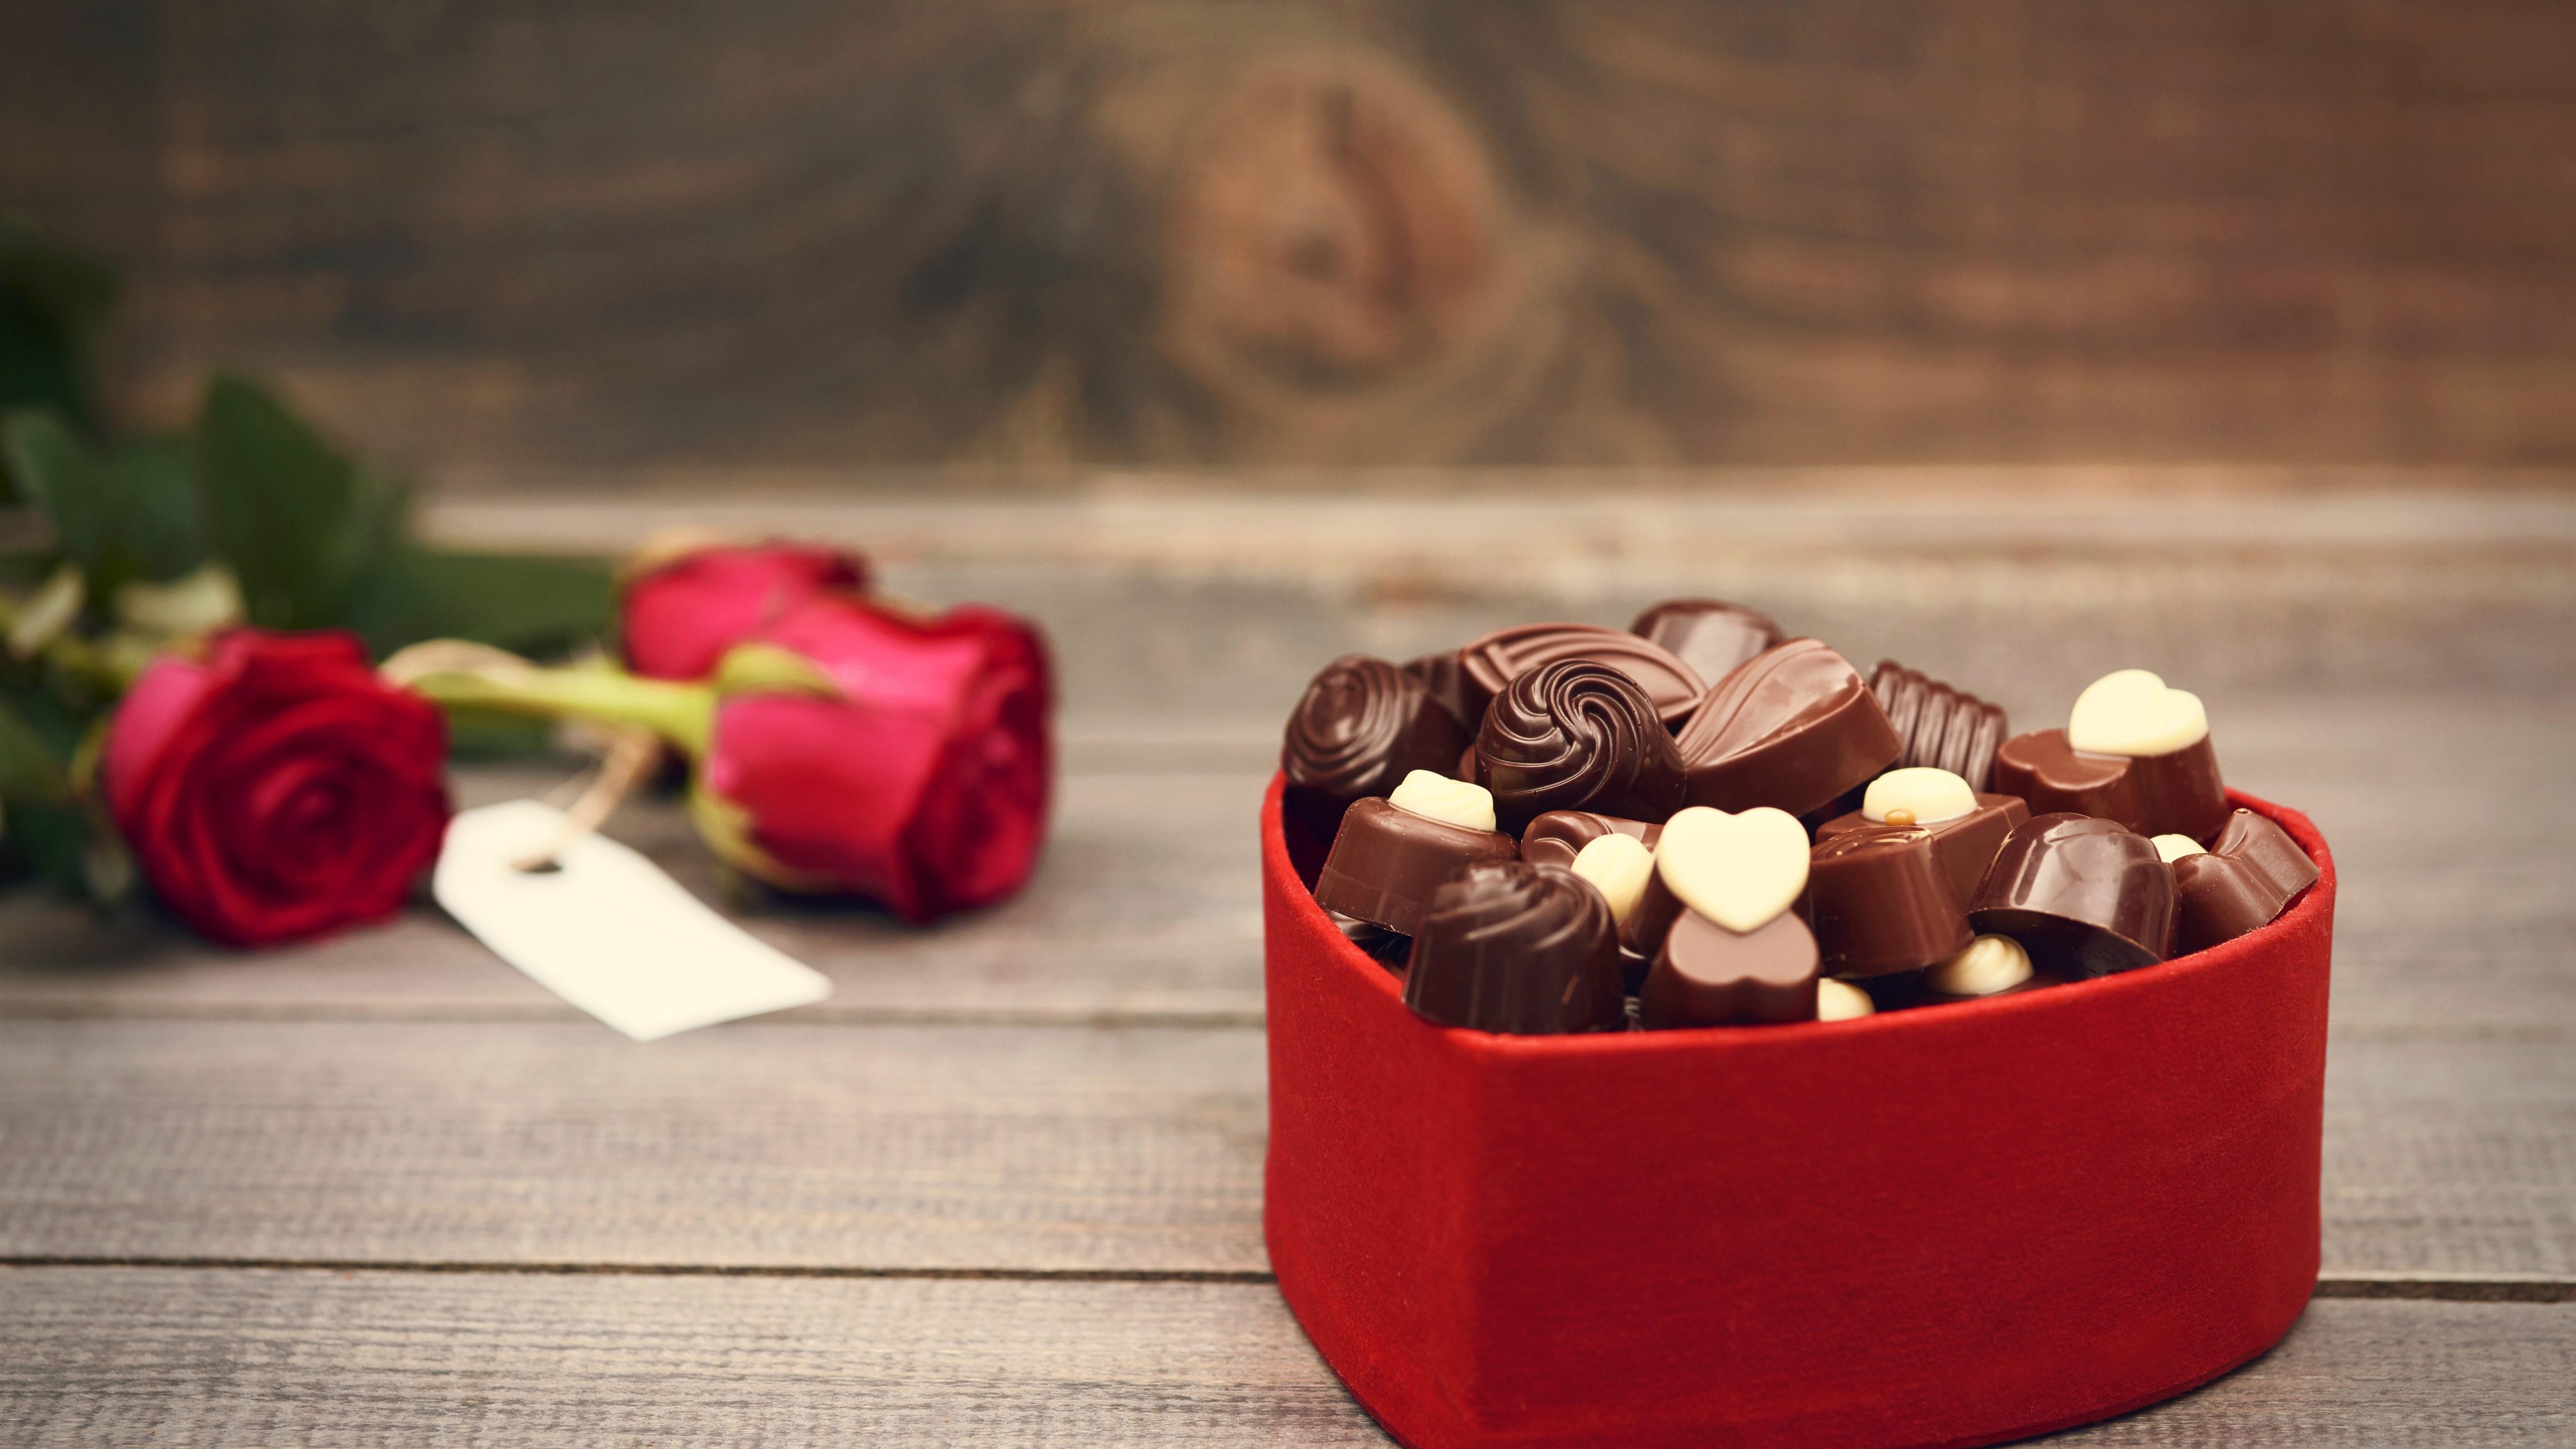 Открытки днем, коробка конфет картинки красивые